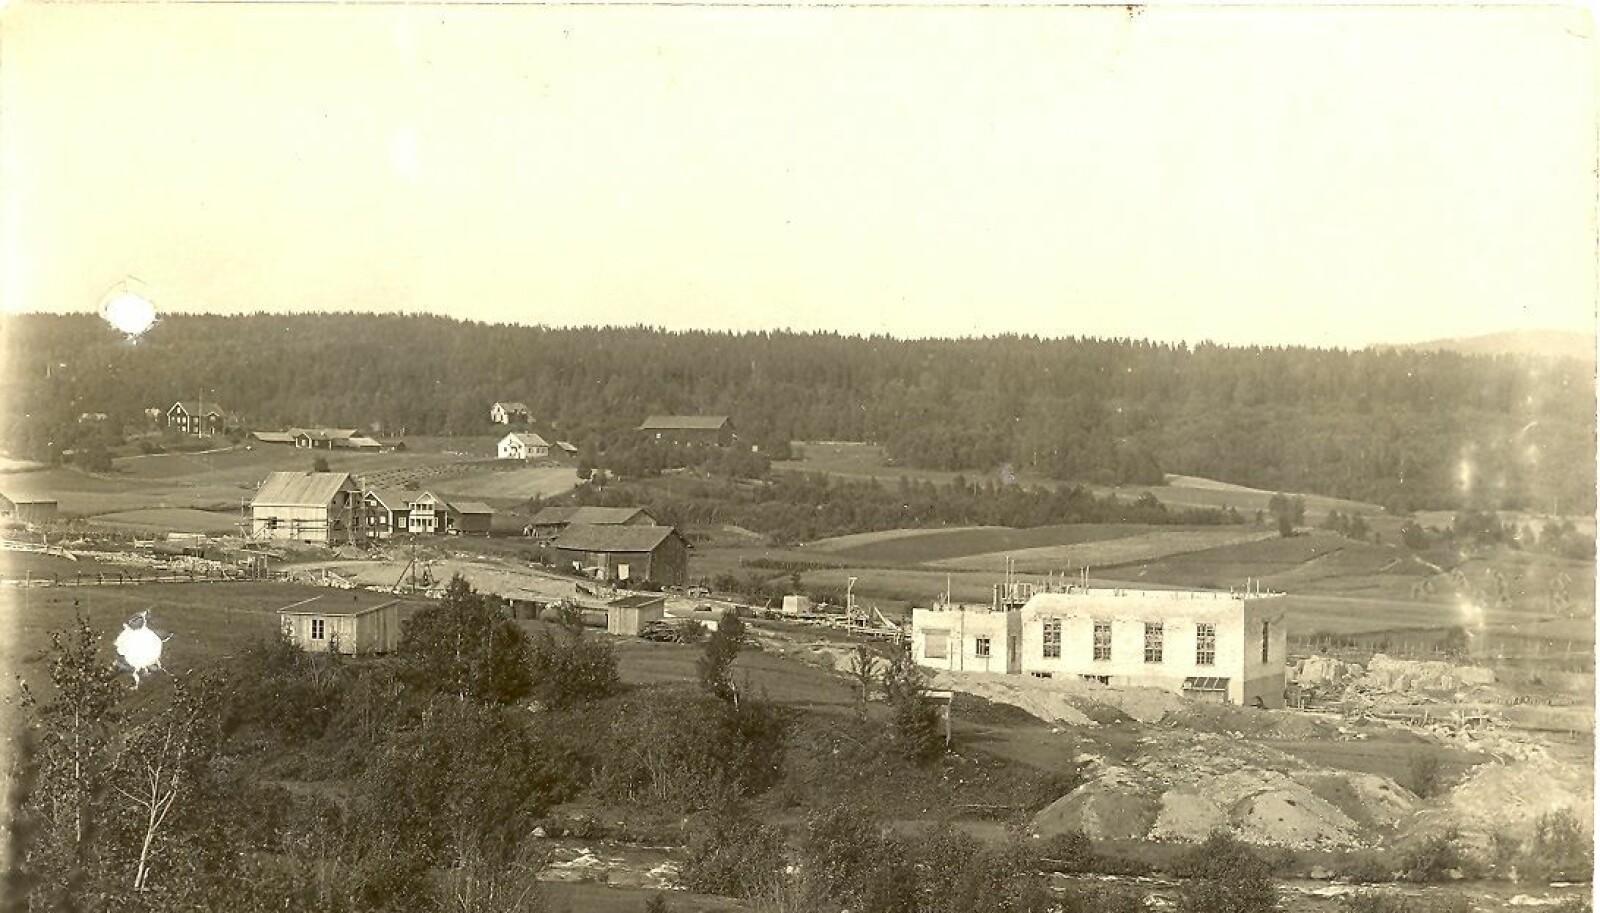 Kraftverket på Brødbøl ble bygget i 1920 og er fortsatt i drift. Verket startet kraftproduksjonen i april 1921.